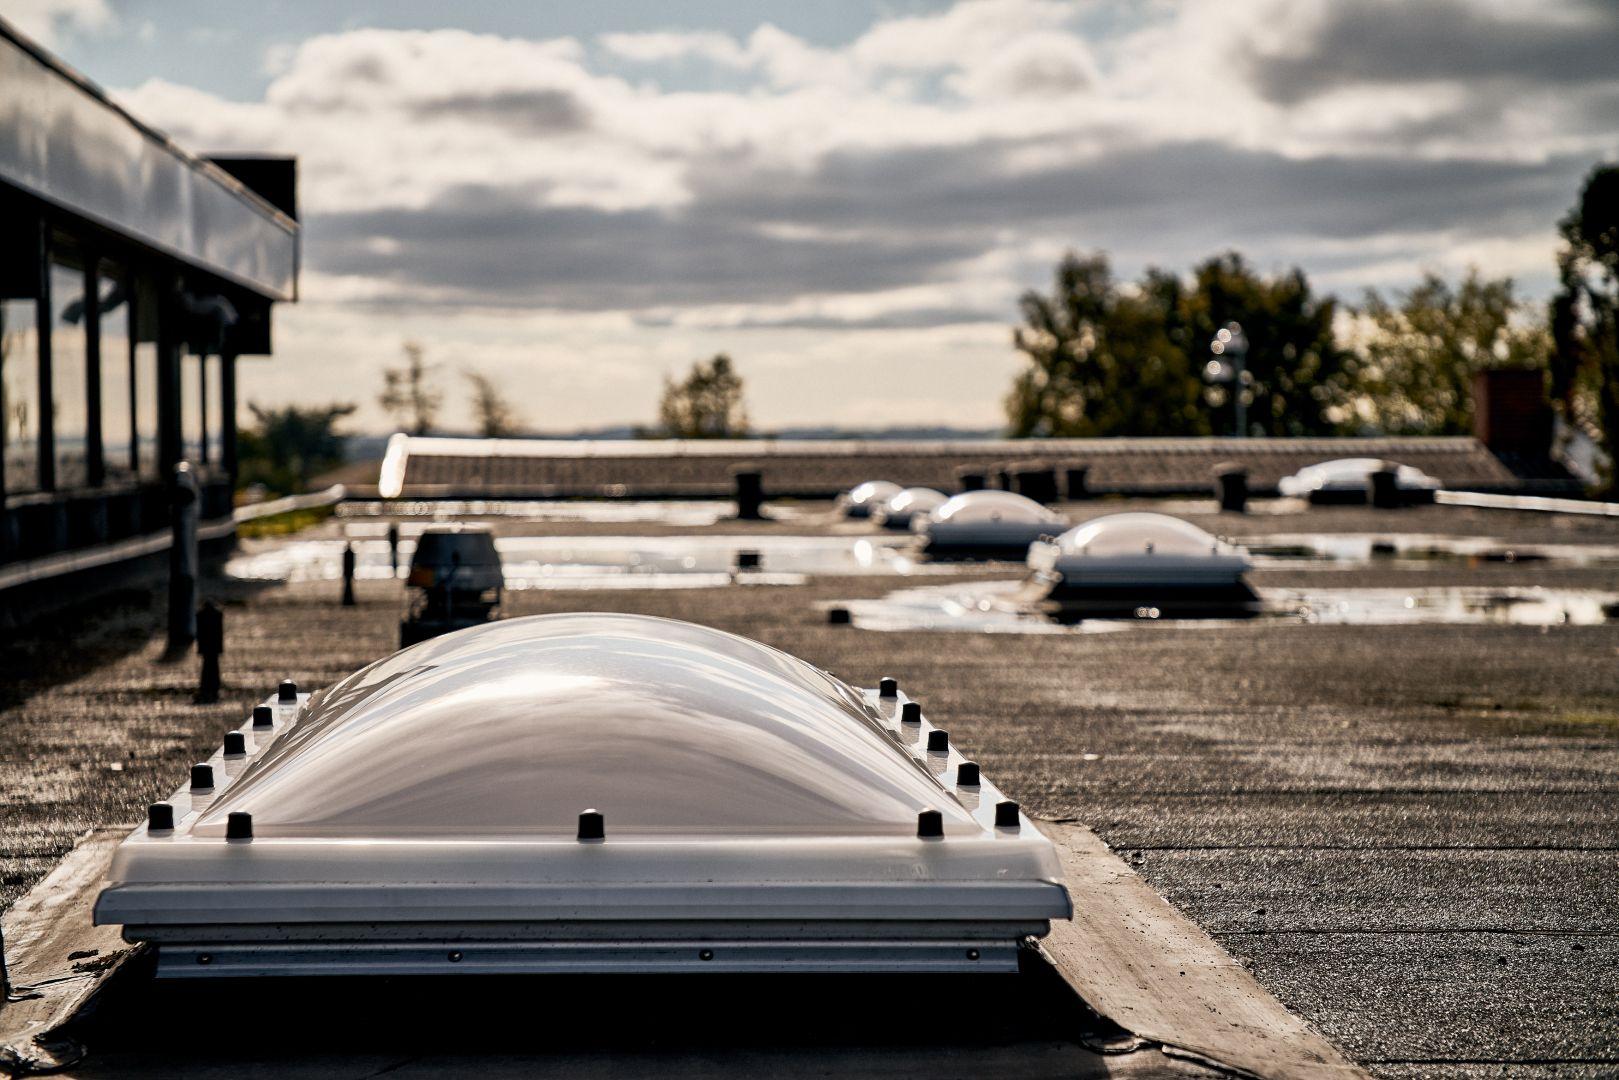 Świetlik dachowy dostępny jest w dwóch wersjach - nieotwieranej lub otwieranej elektrycznie z silnikiem 230 V. Fot. mat. prasowe Velux